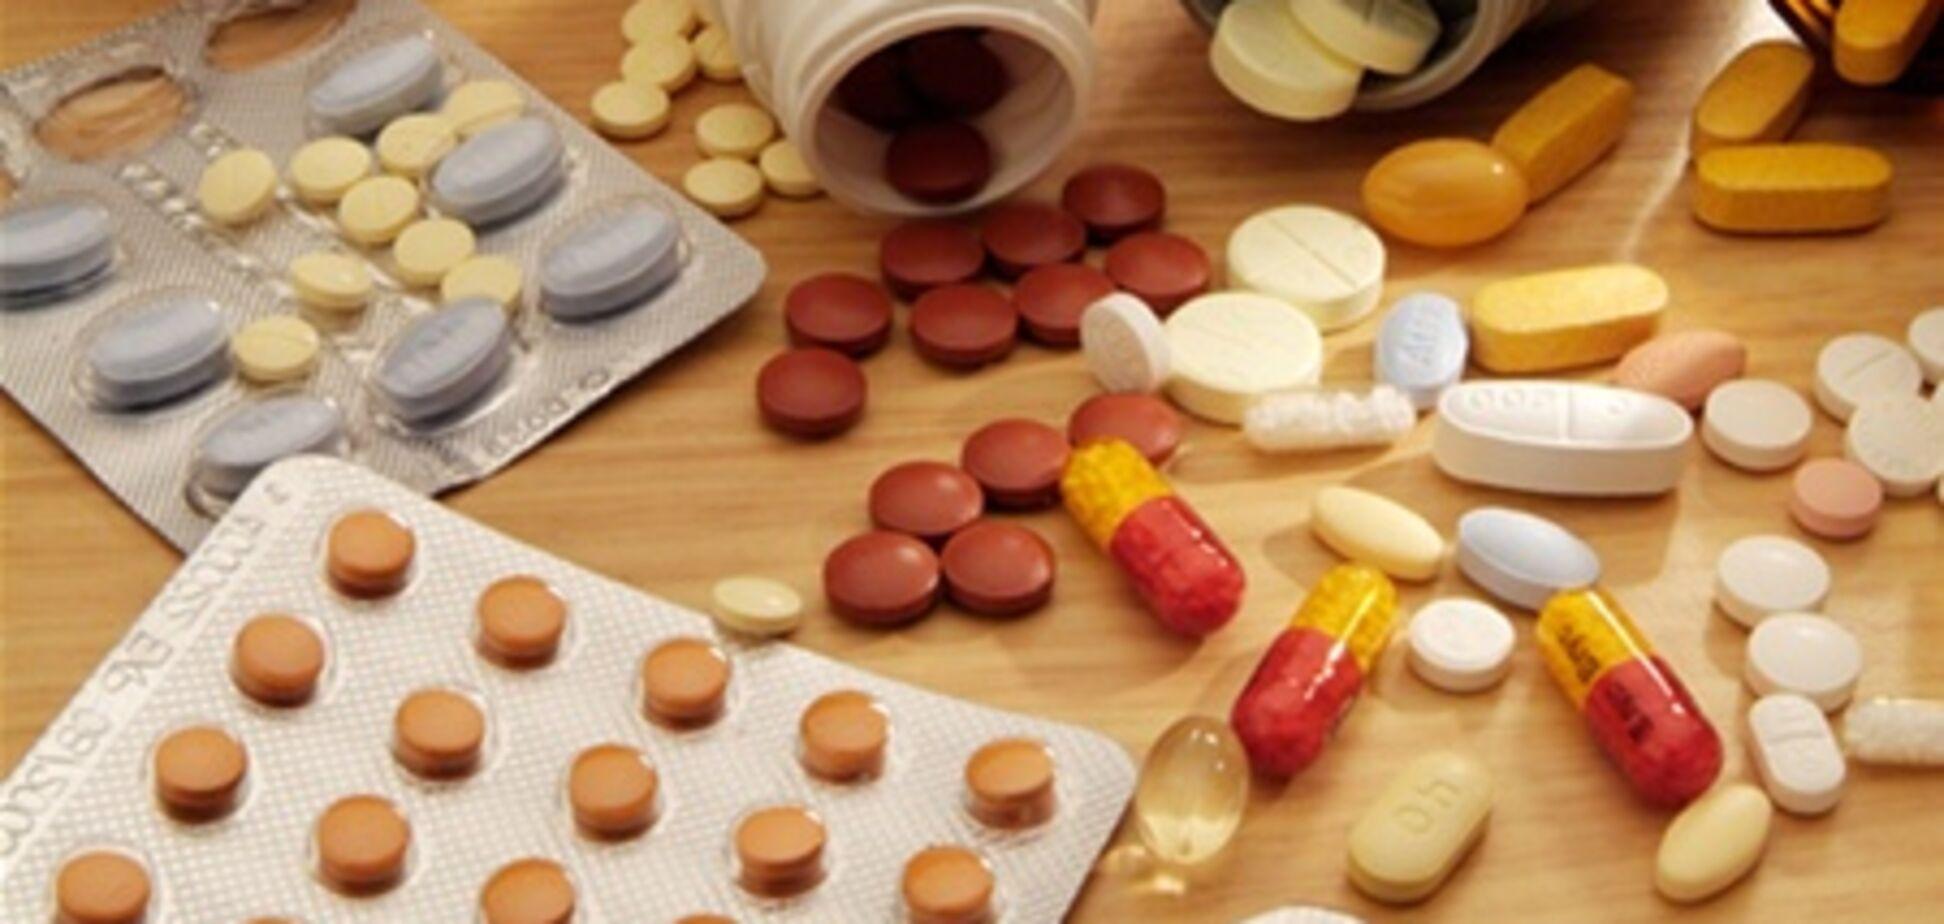 Заведено уголовное дело на аптекаря, укравшего 500 миллионов